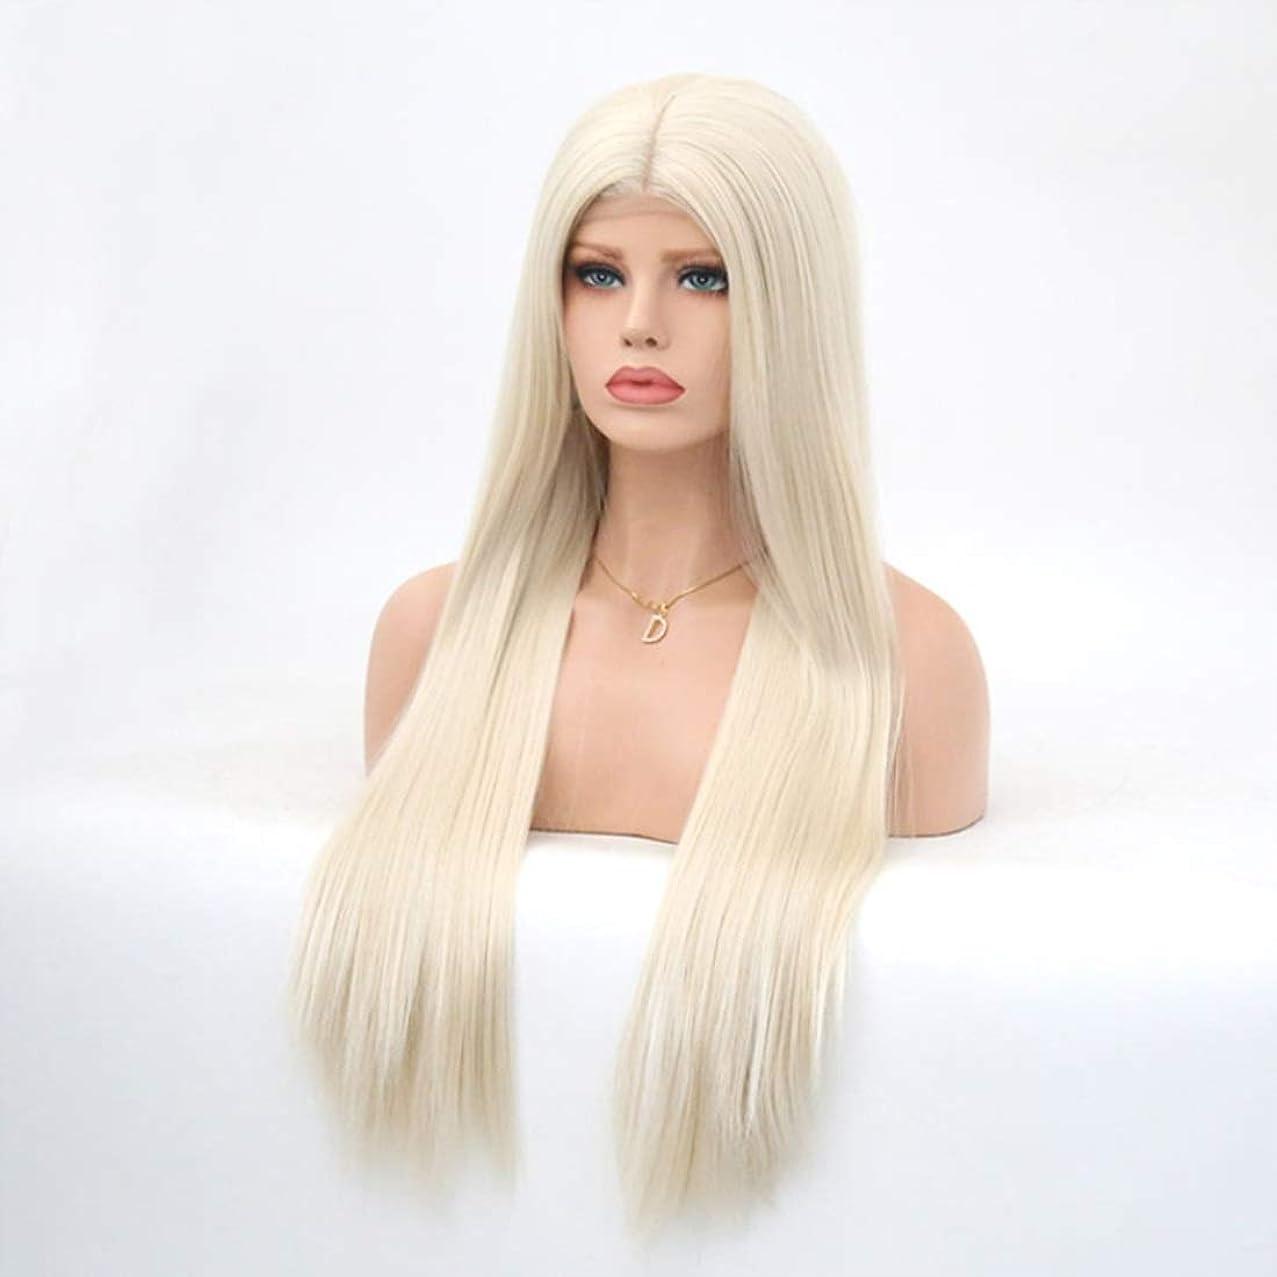 沈黙効果的複合Summerys レディースシルクロングストレートブラックウィッグ耐熱合成かつら前髪付きウィッグ女性用ウィッグ